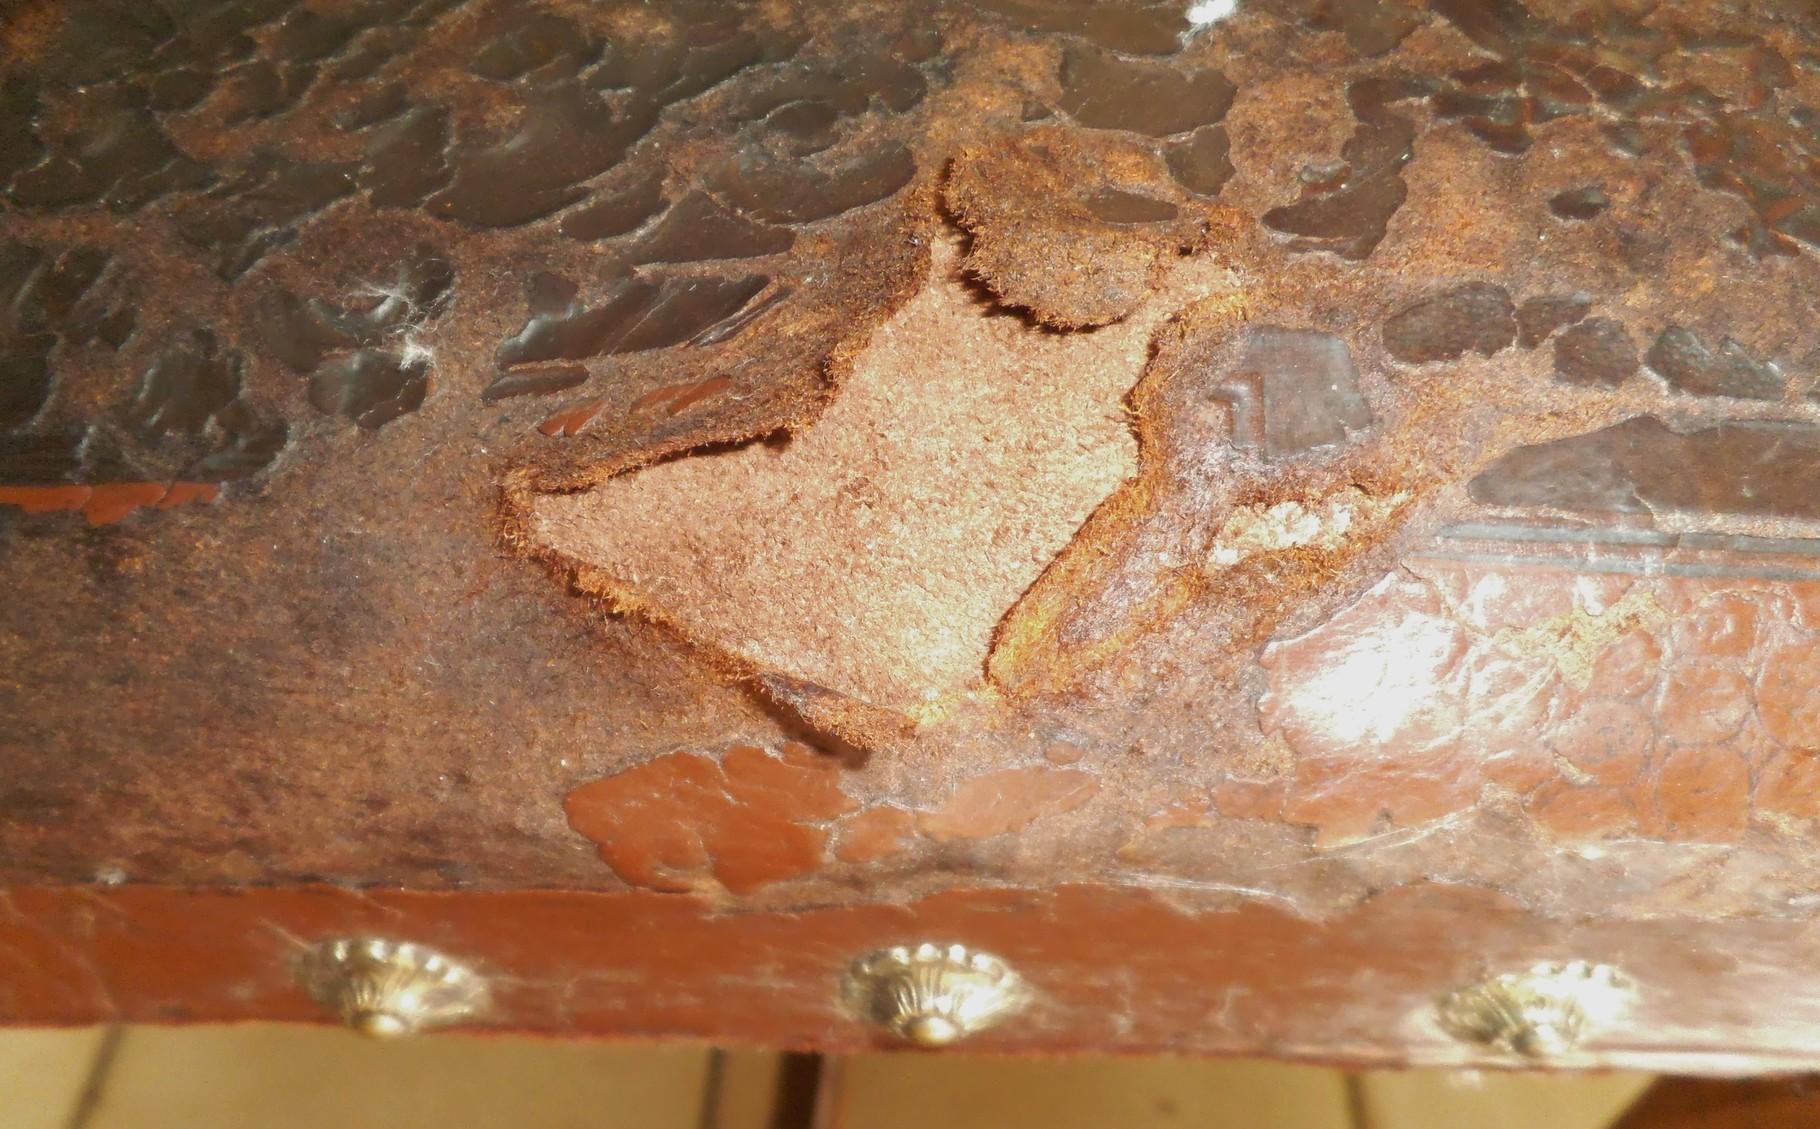 linke Stuhlseite: fehlendes Leder, stark brüchig